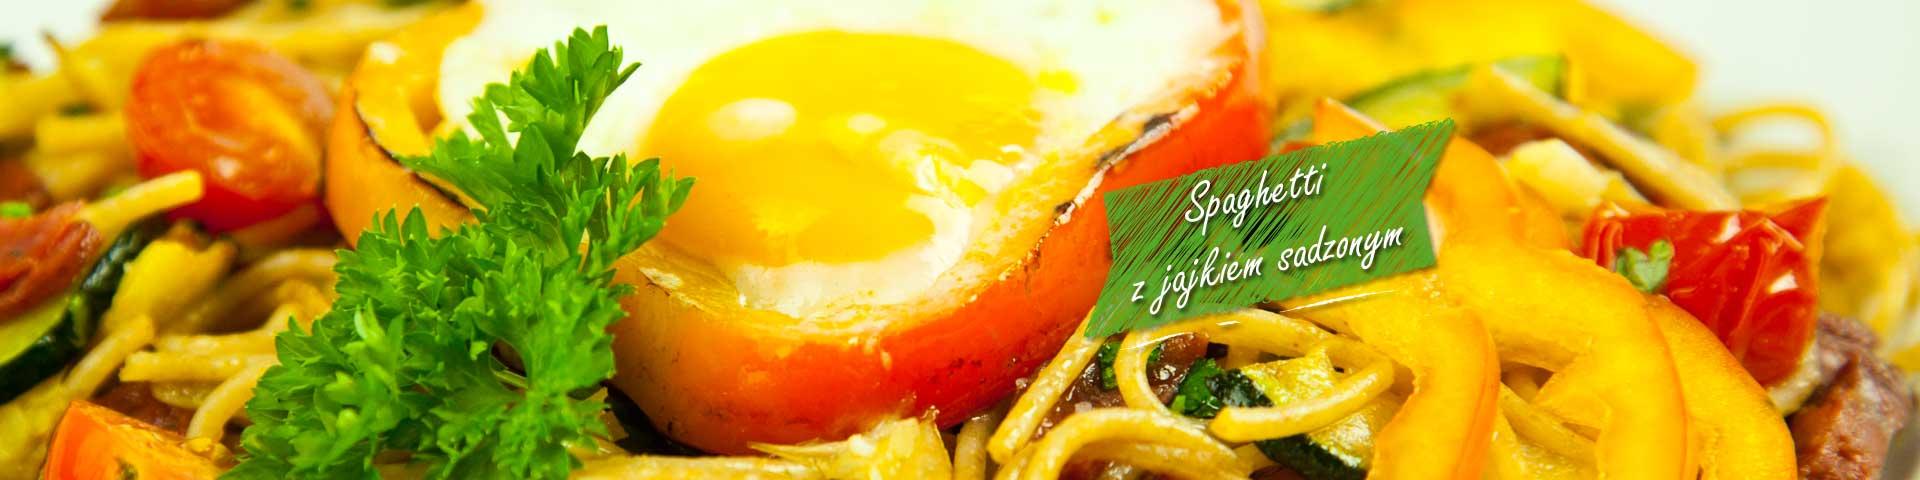 Spaghetti z jajkiem sadzonym